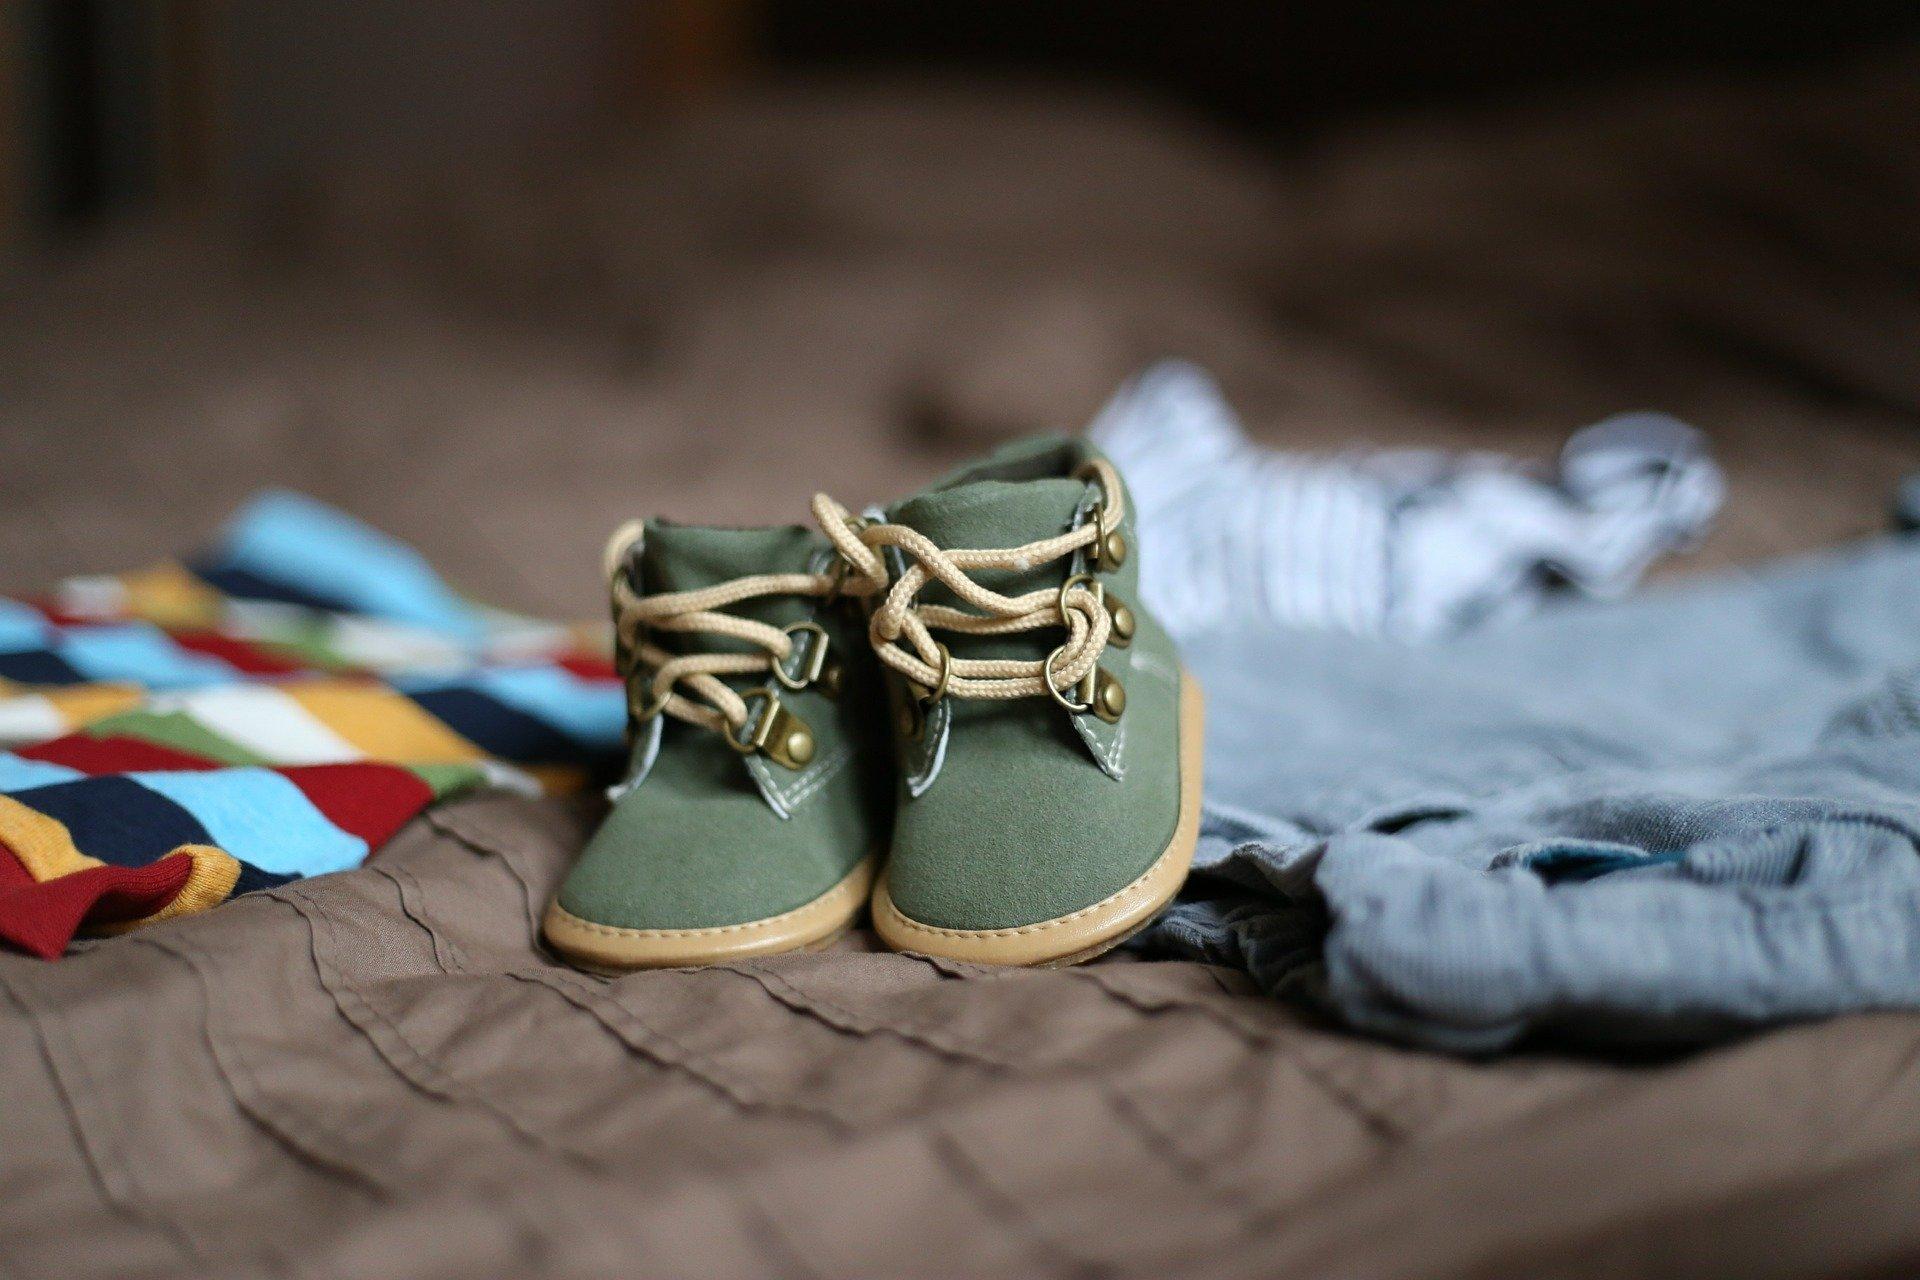 クラフトバンド作品「ミニミニサイズのかごと靴」の作り方・感想・本・道具をご紹介!